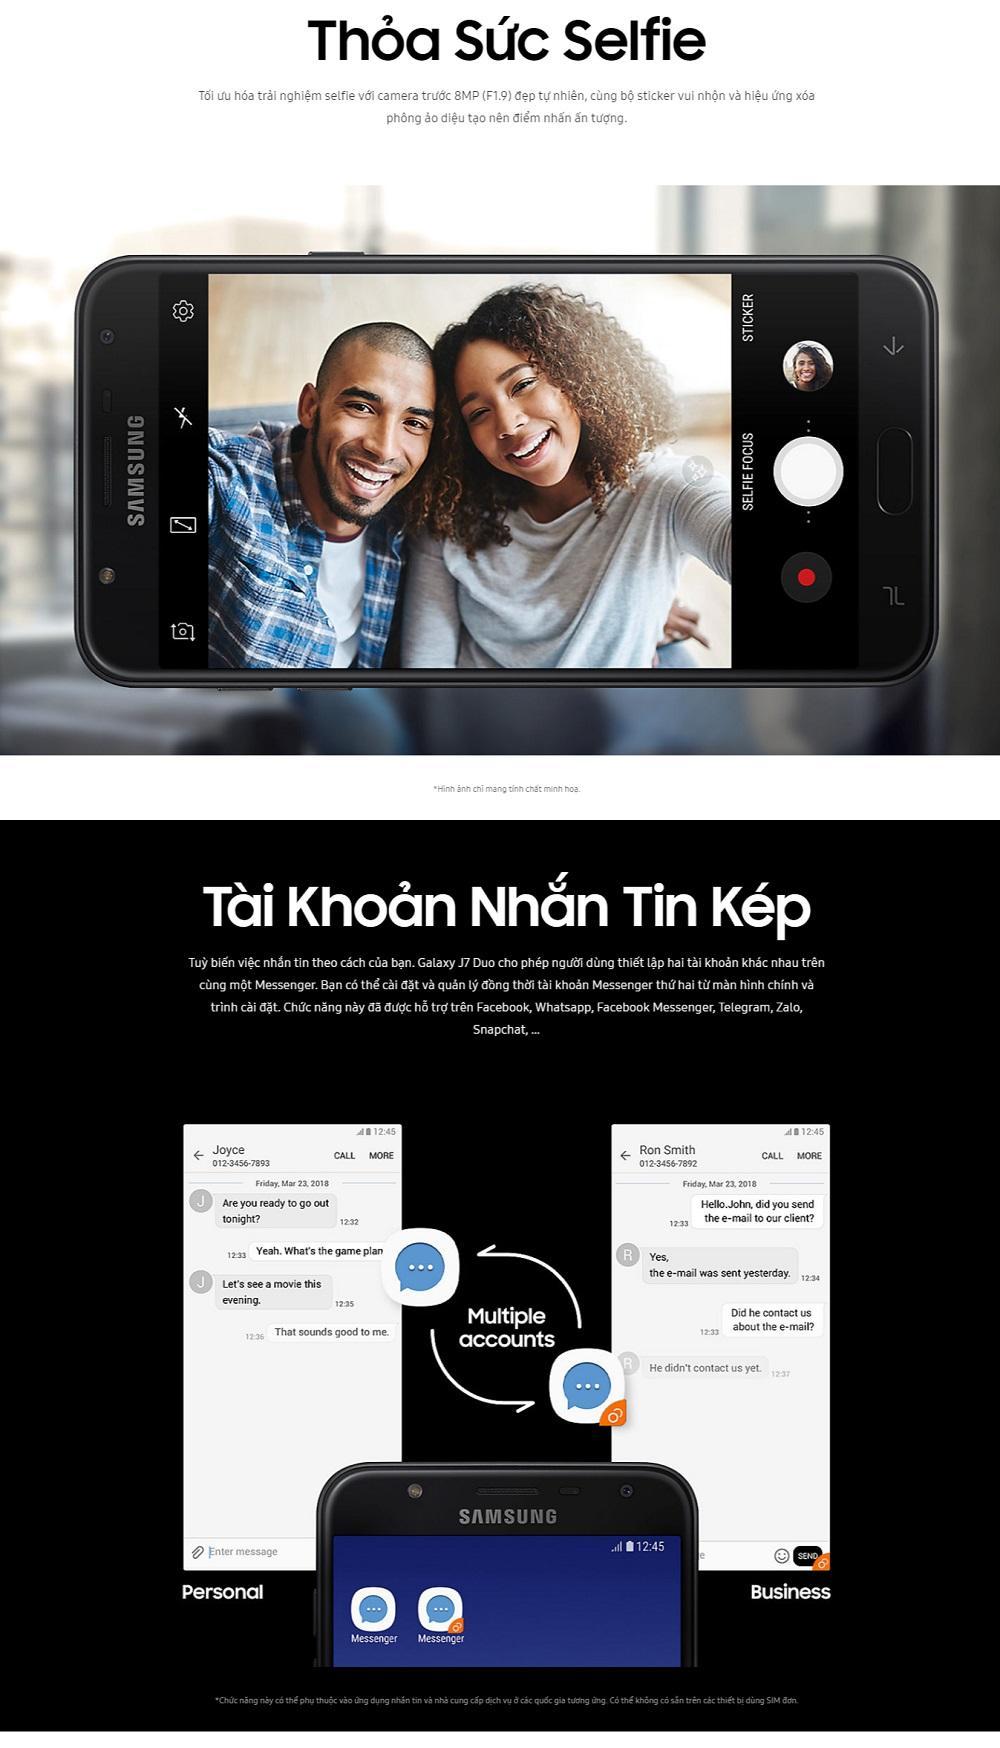 Samsung-Galaxy-J7-Duo-02.jpg